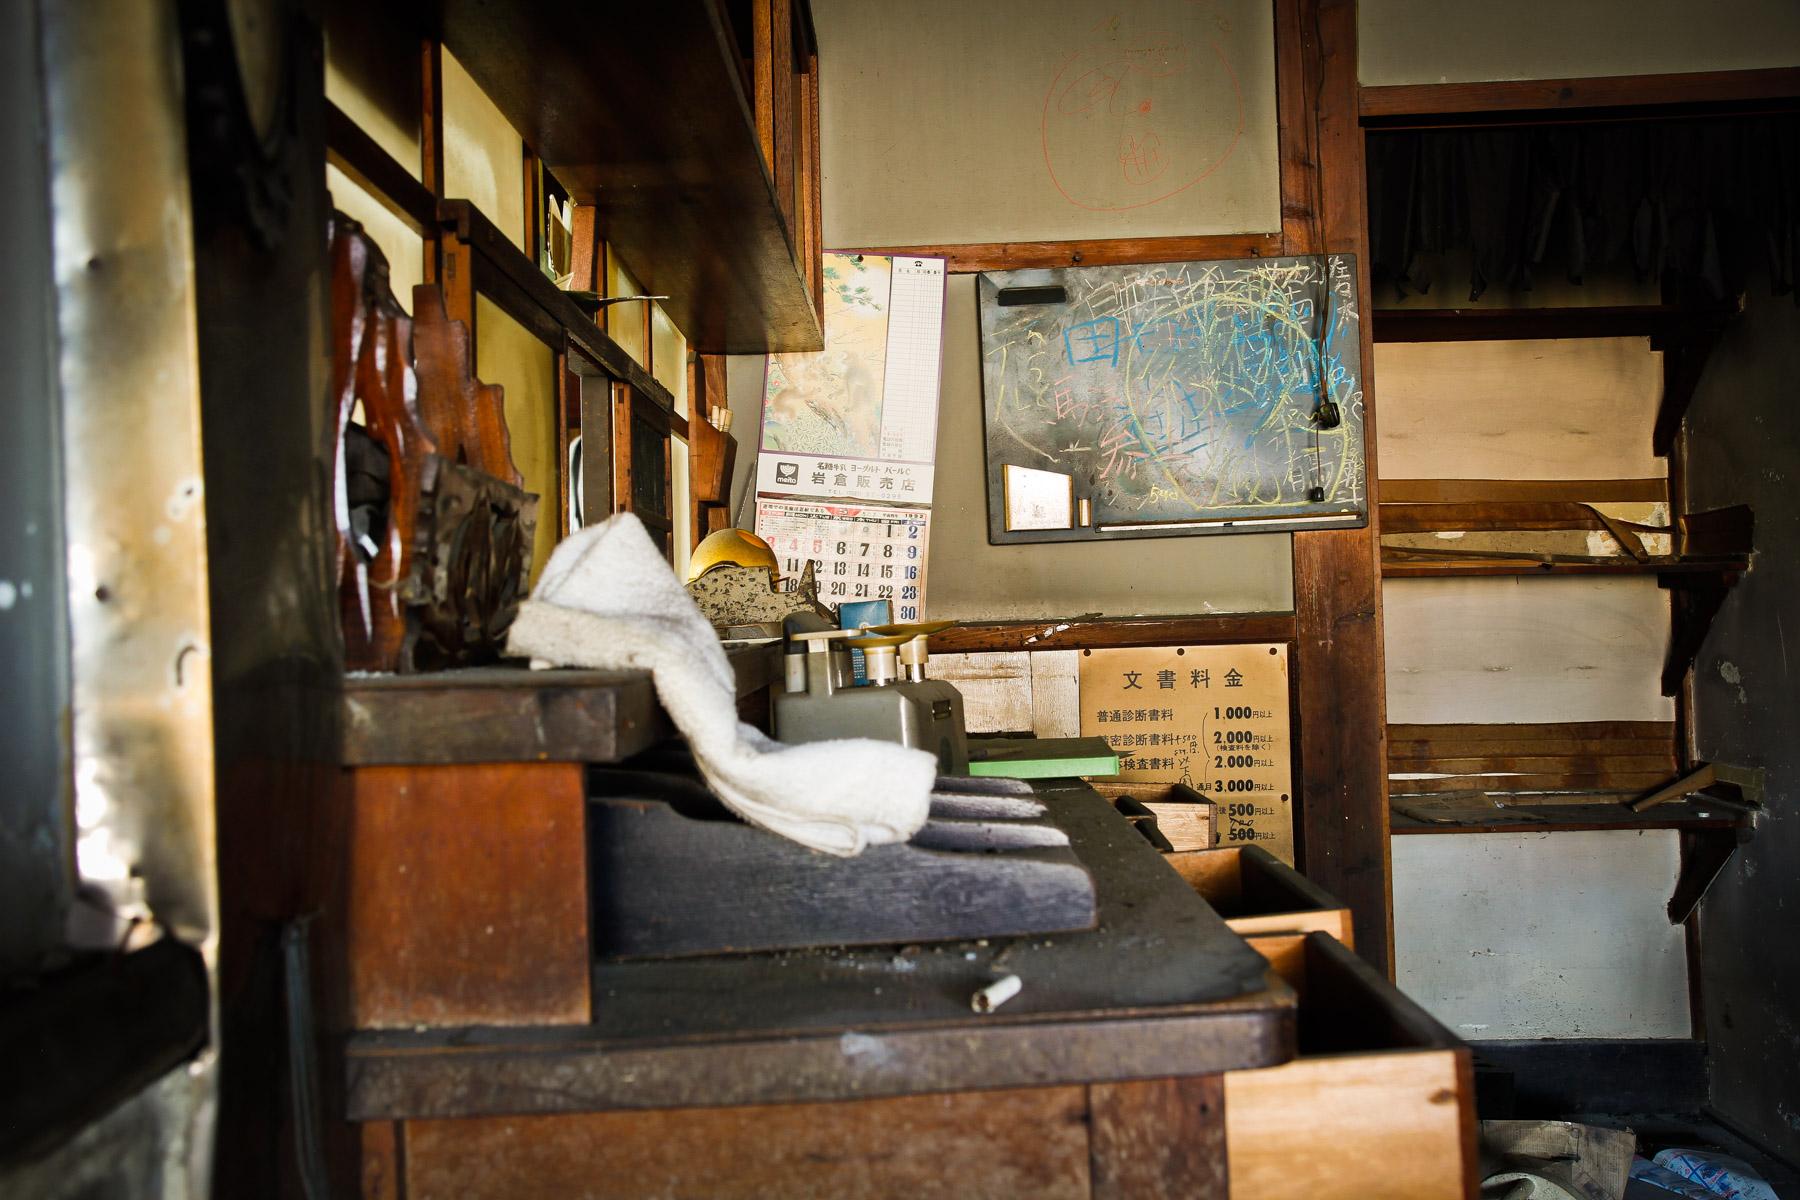 abandoned, haikyo, hospital, ruin, urban exploration, urbex